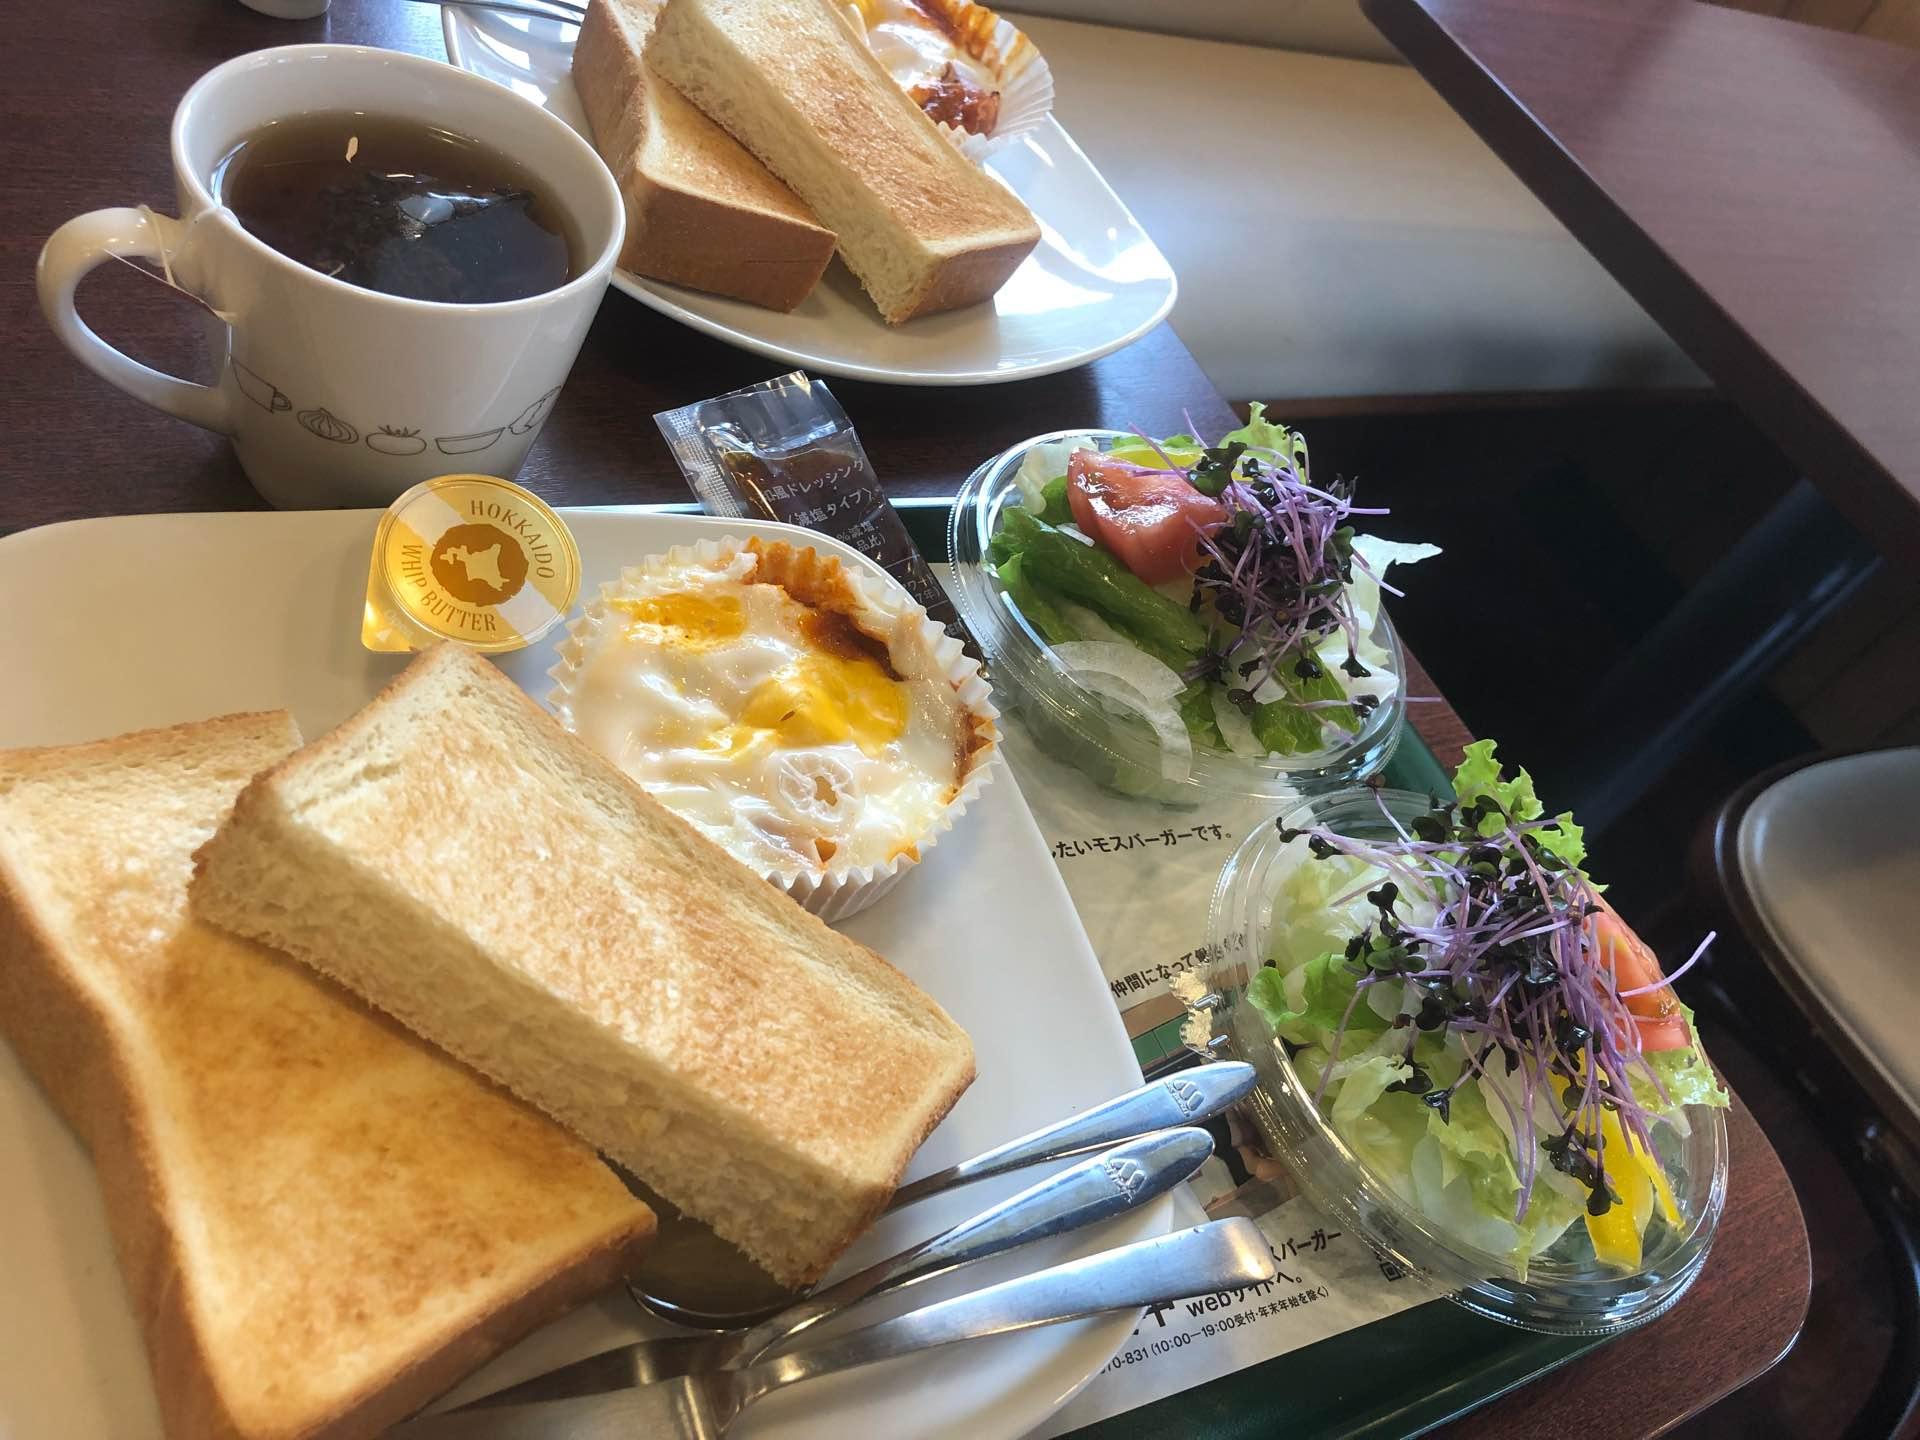 モスバーガー 朝モス 朝のバランスプレート<卵とベーコン&ミートソース> + ルフナティー https://t.co/4p7UMSN8Y6